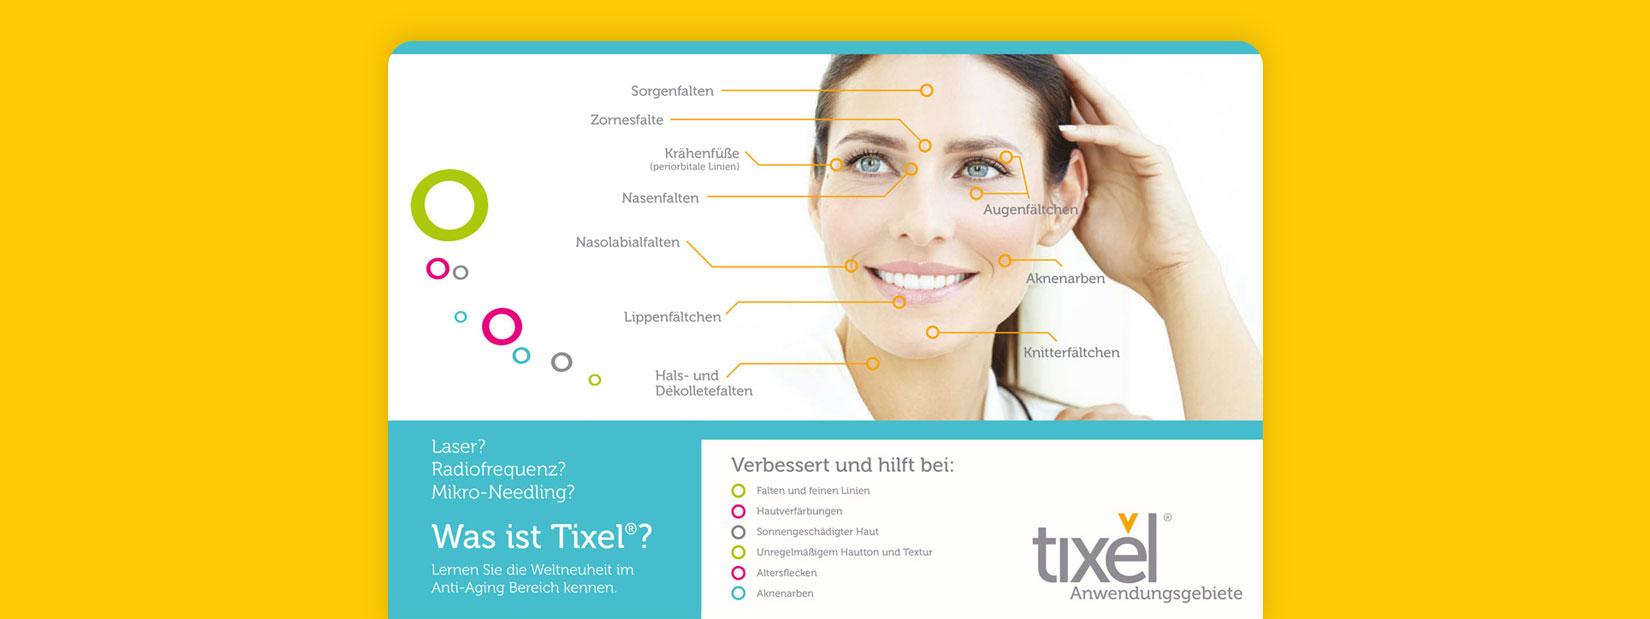 Eine Visualisierung zur Tixel Hautverjüngung.